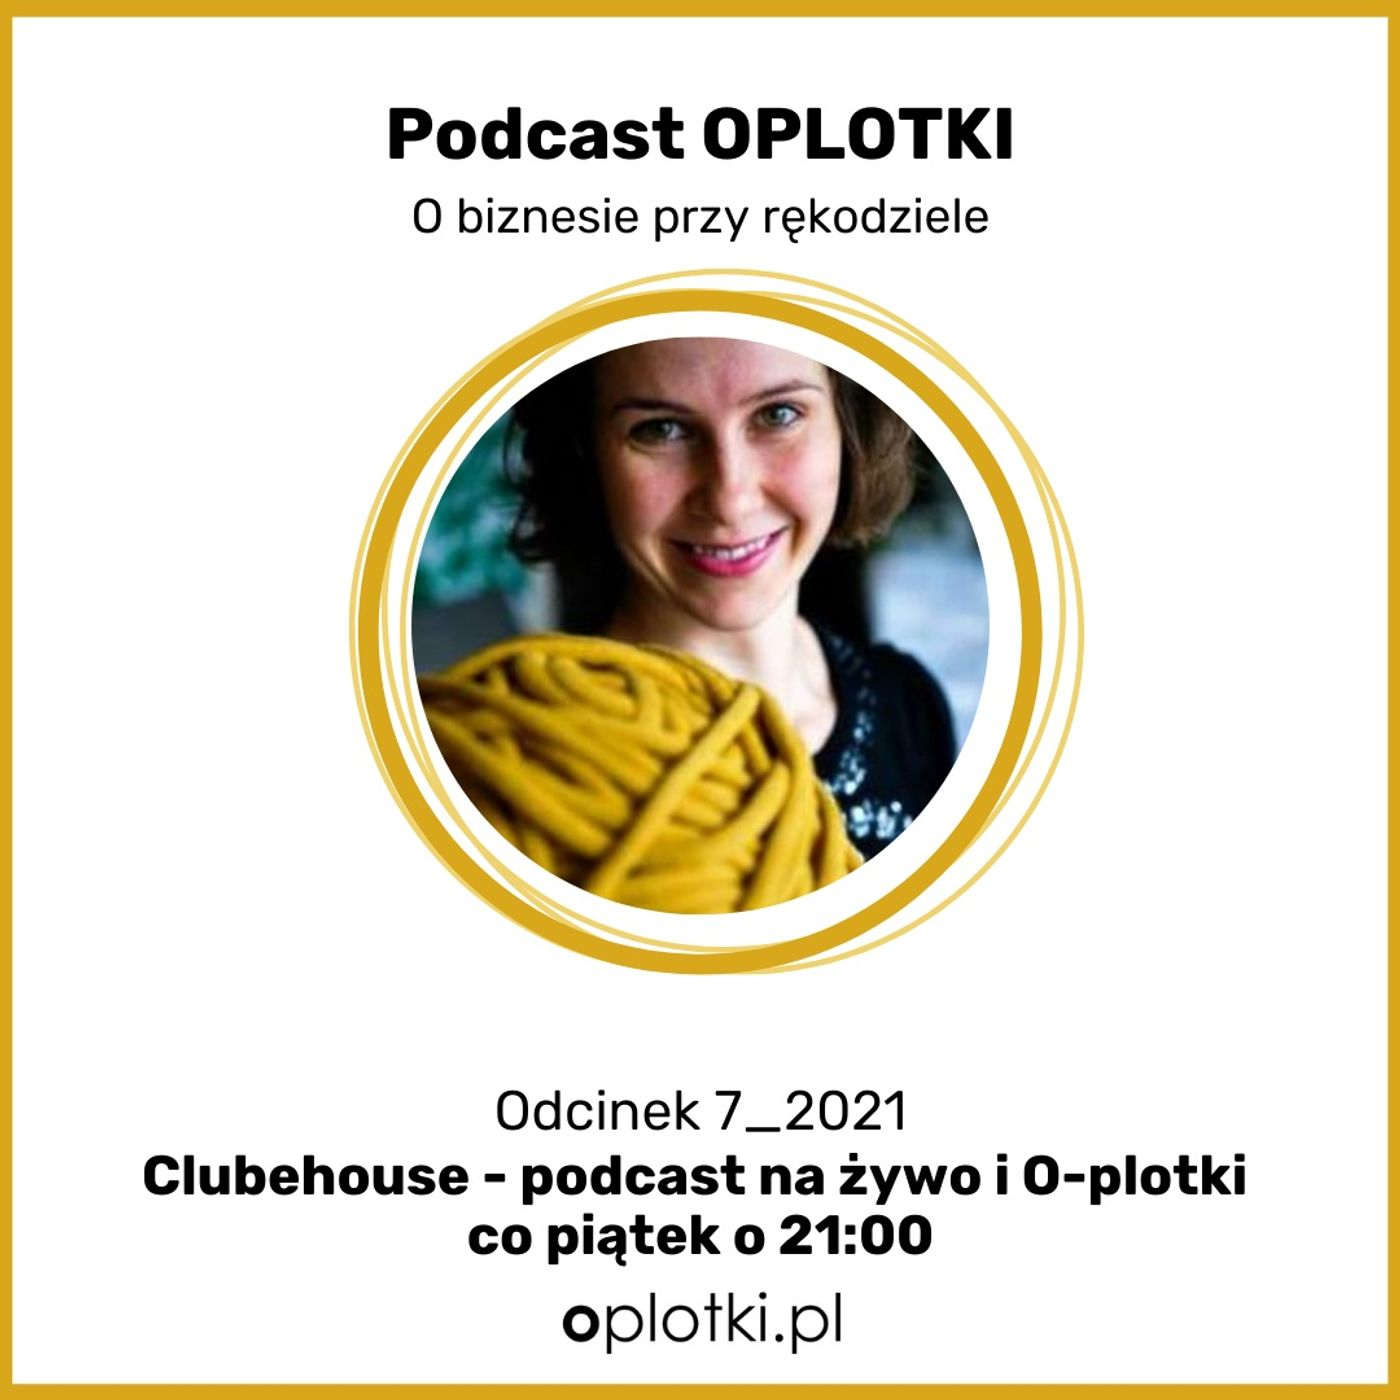 07_2021 Clubhouse - podcast na żywo i o-plotki co piątek o 21